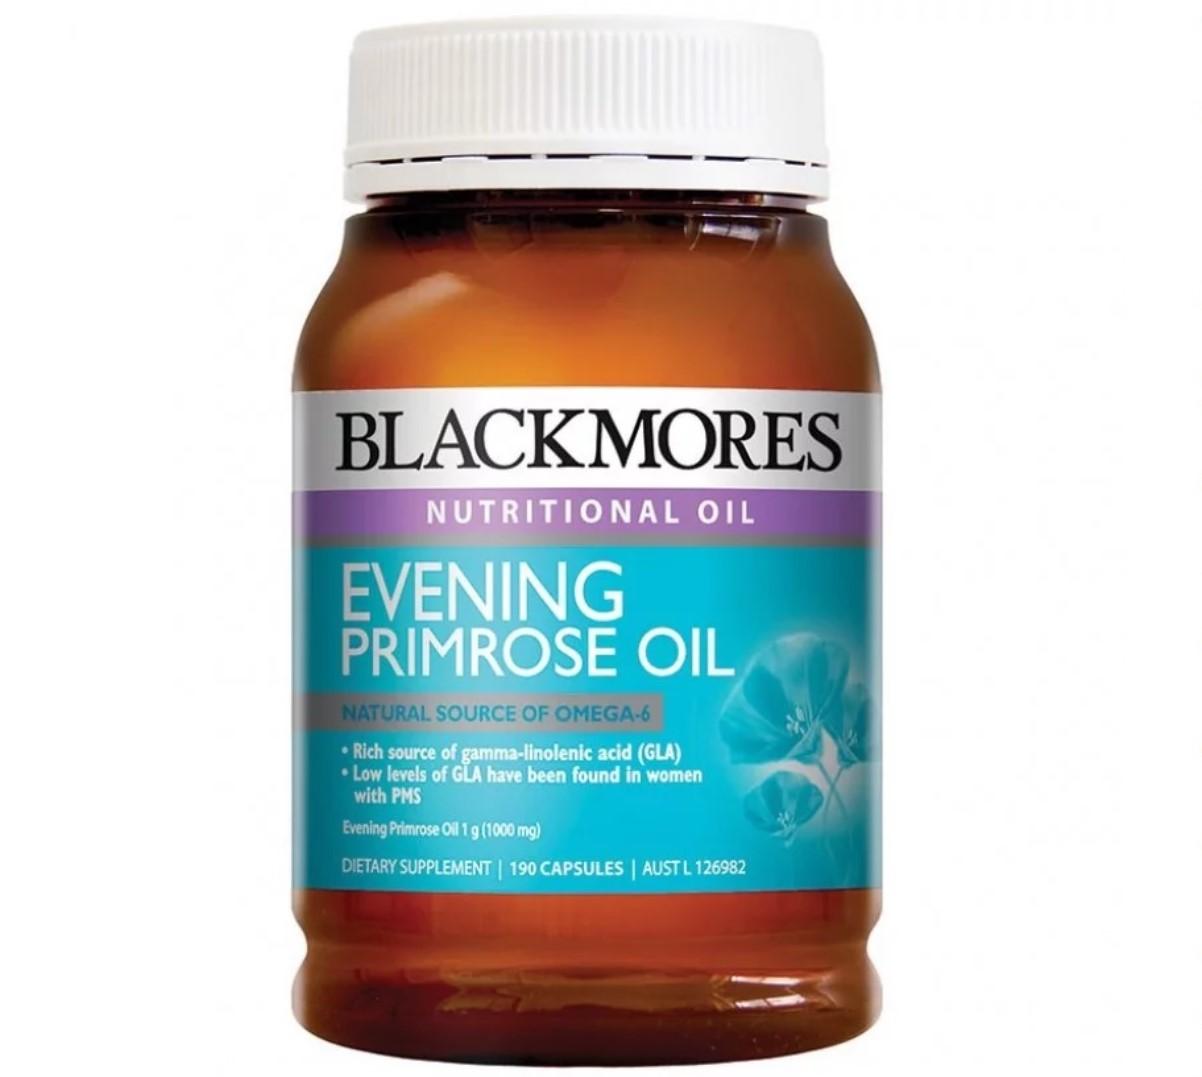 Viên uống tinh dầu hoa anh thảo Blackmores Evening Primrose Oil 190 capsules